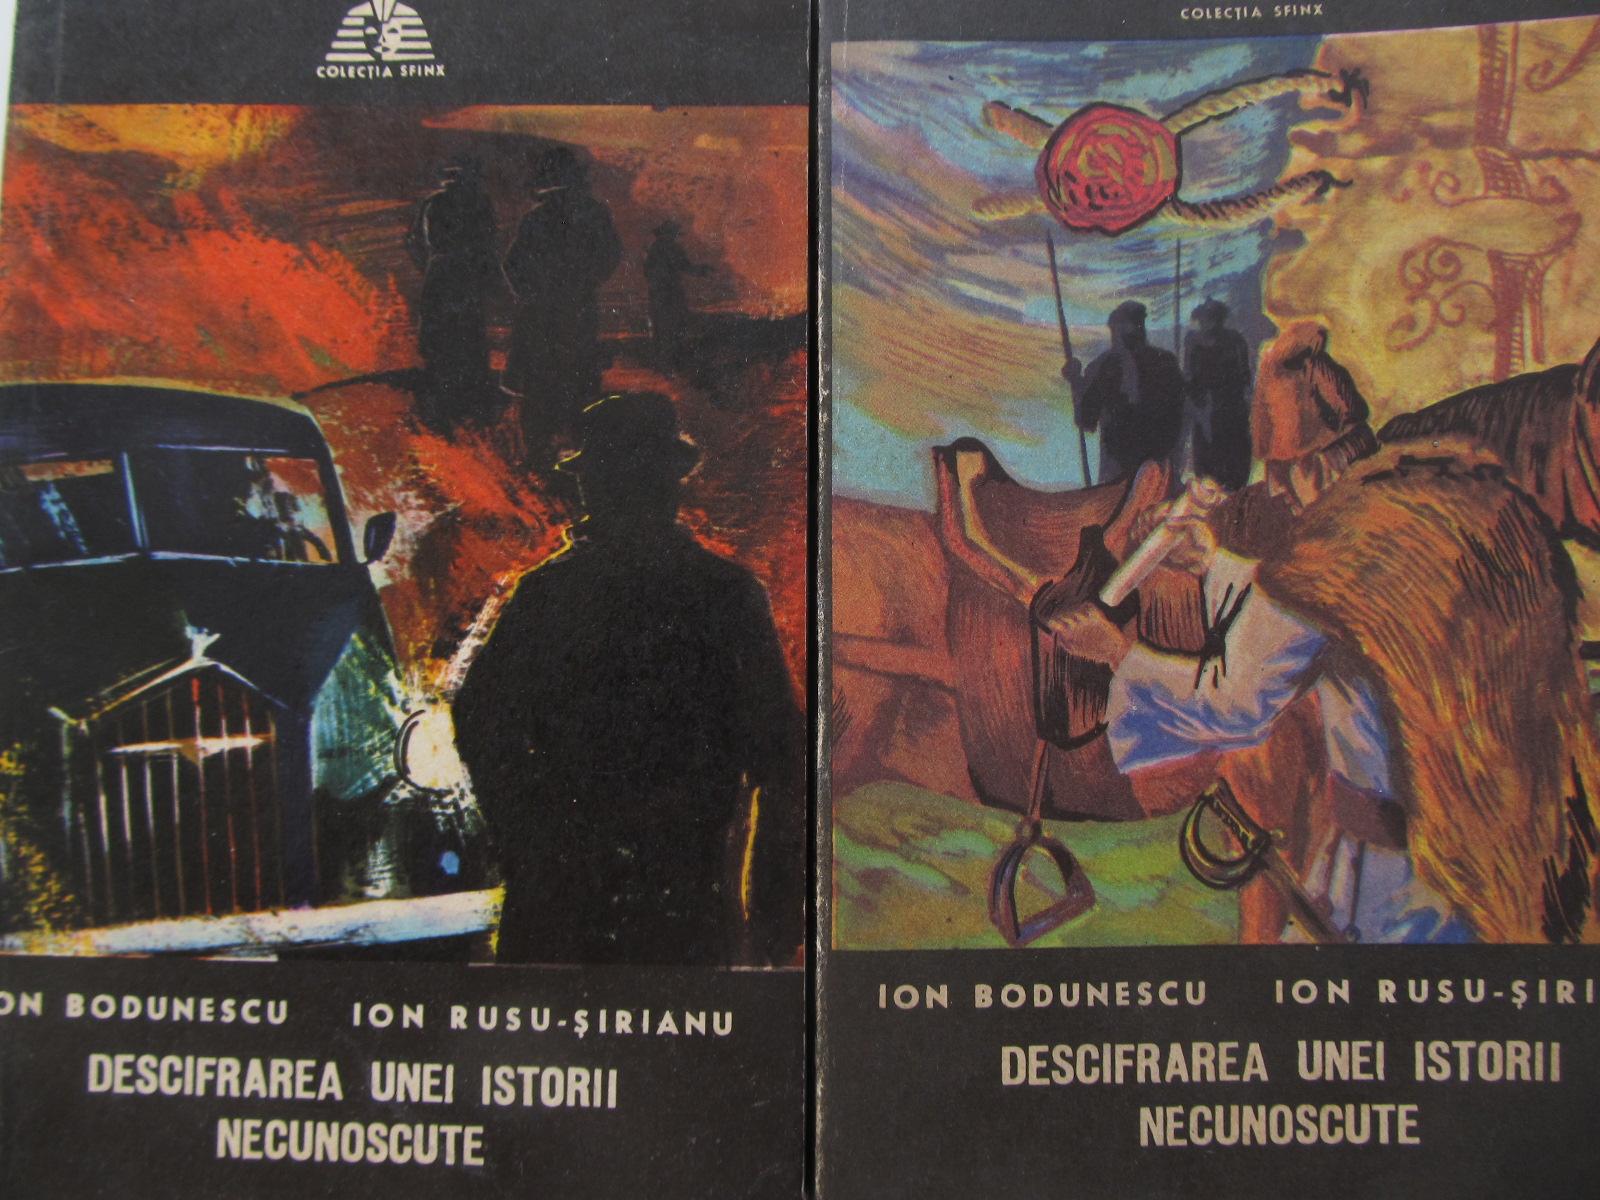 Descifrarea unei istorii necunoscute (2 vol.) - complet - Ion Bodunescu , .. | Detalii carte